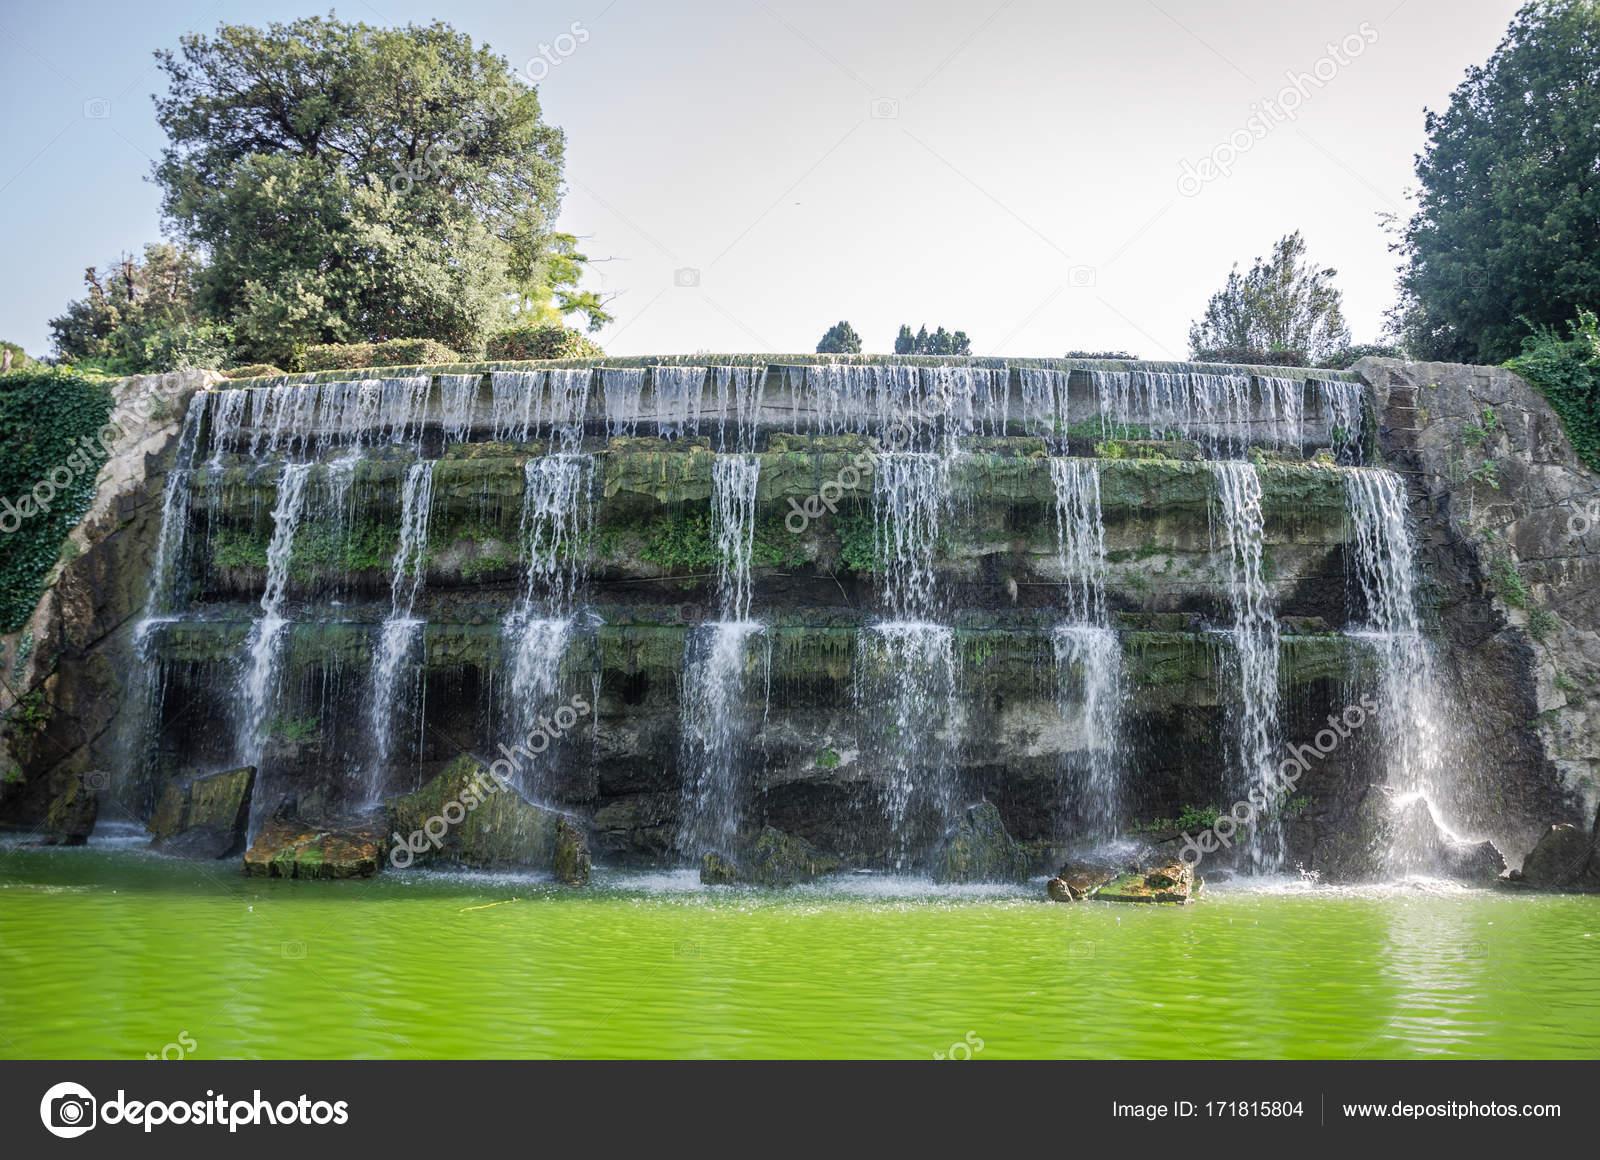 Fuentes de jardin cascadas estanques y fuentes u jardines for Fuentes jardin baratas